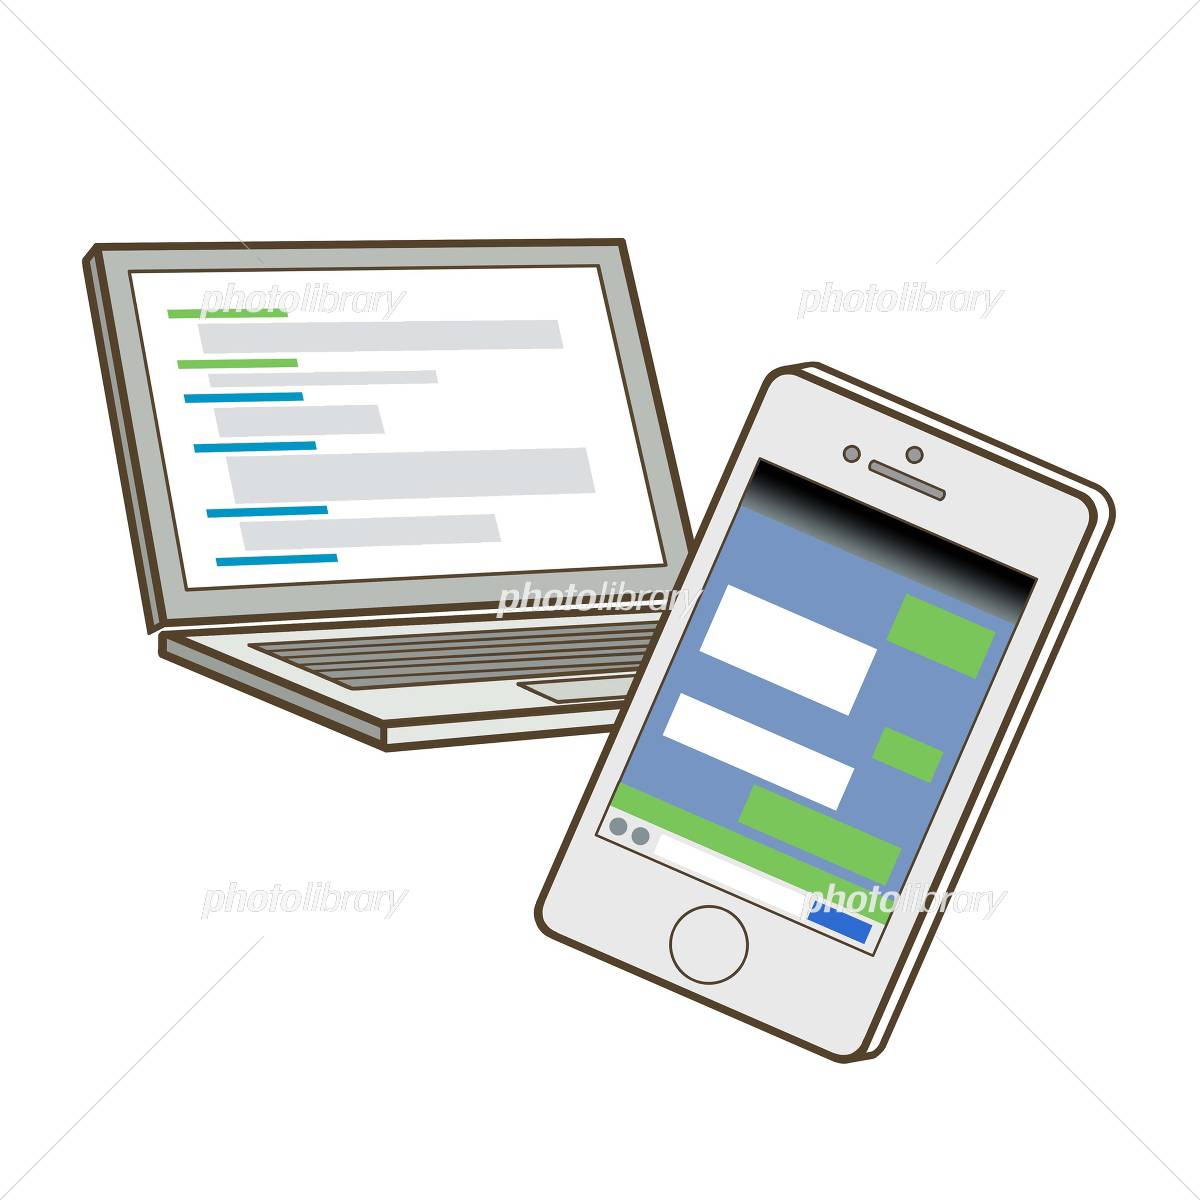 パソコン スマートフォン イラスト素材 4475370 フォトライブ